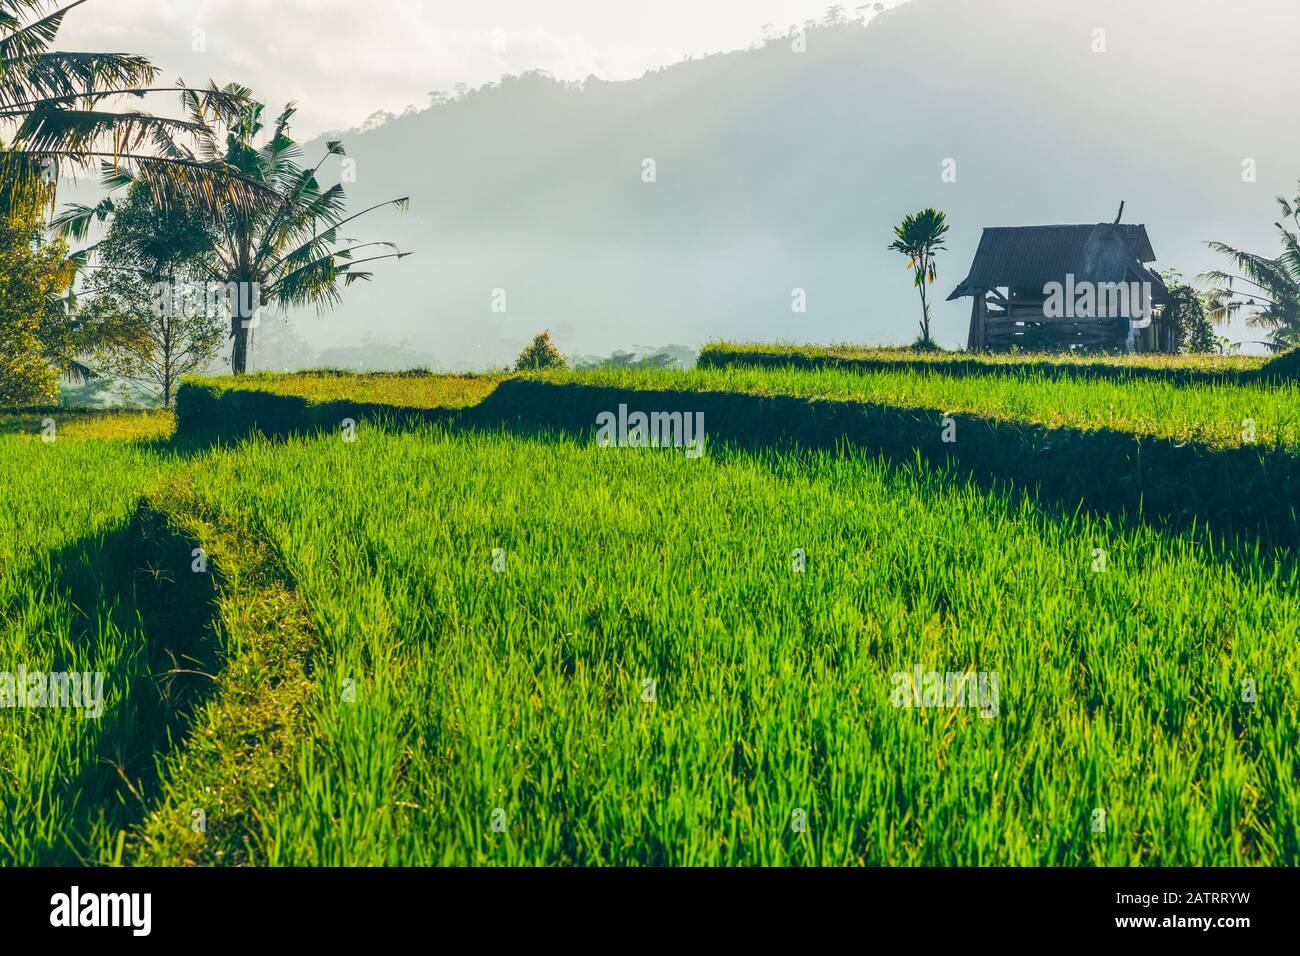 Amanecer en terrazas de arroz sideman; Bali, Indonesia Foto de stock